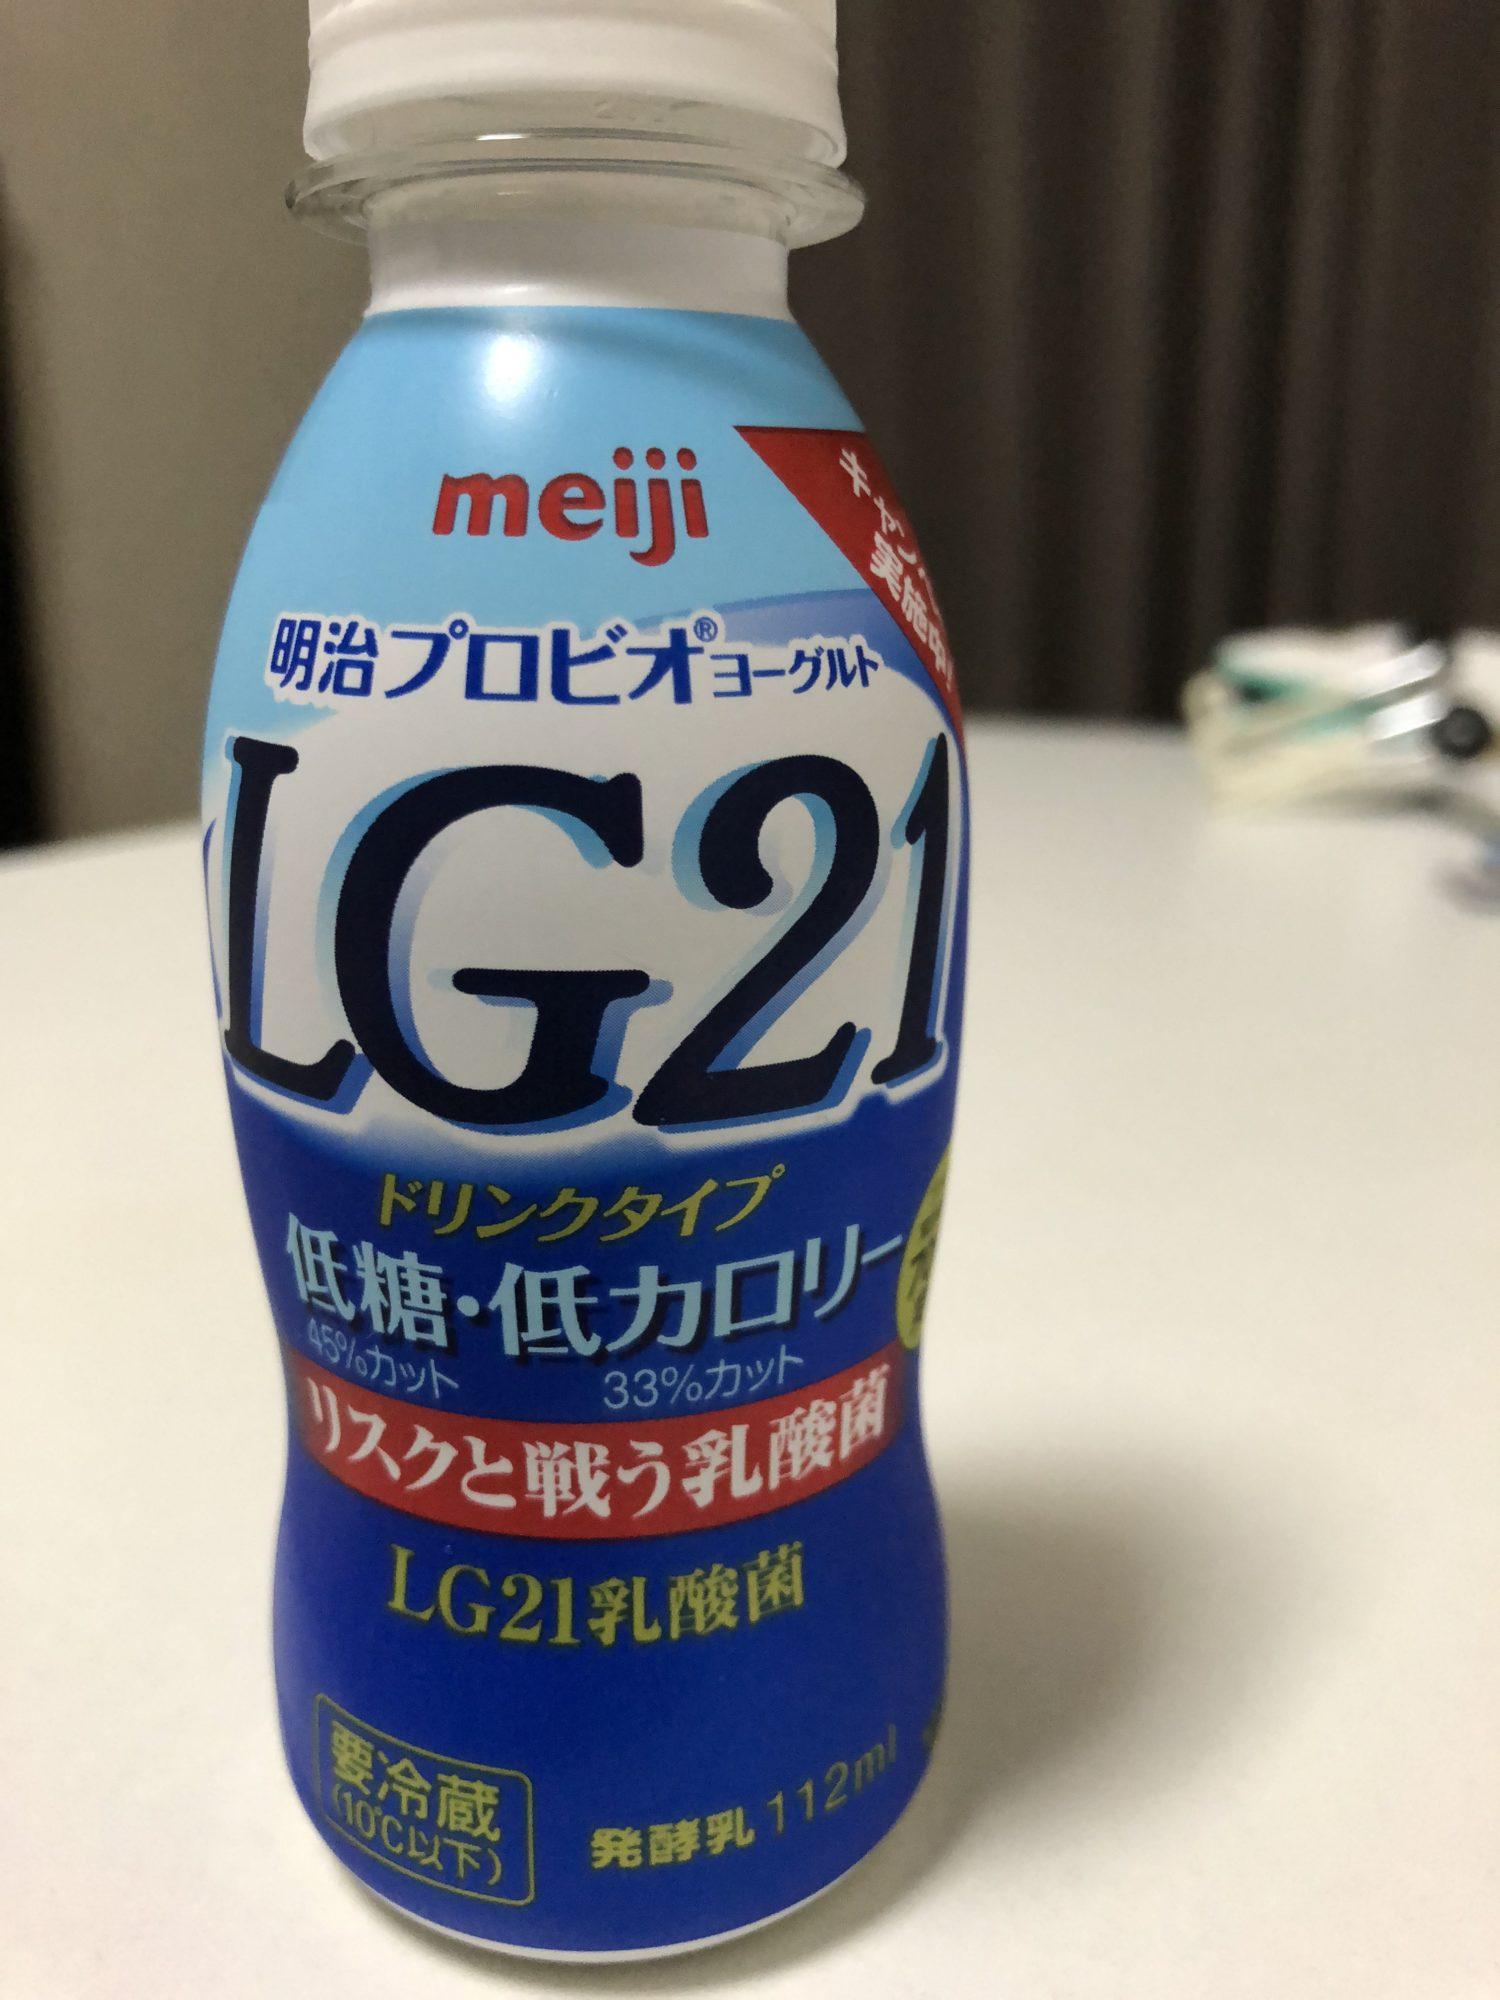 ピロリ菌、除去薬7日間飲みます!【4日目】明治プロビオヨーグルトLG 21はピロリ菌を減少させる効果あり②